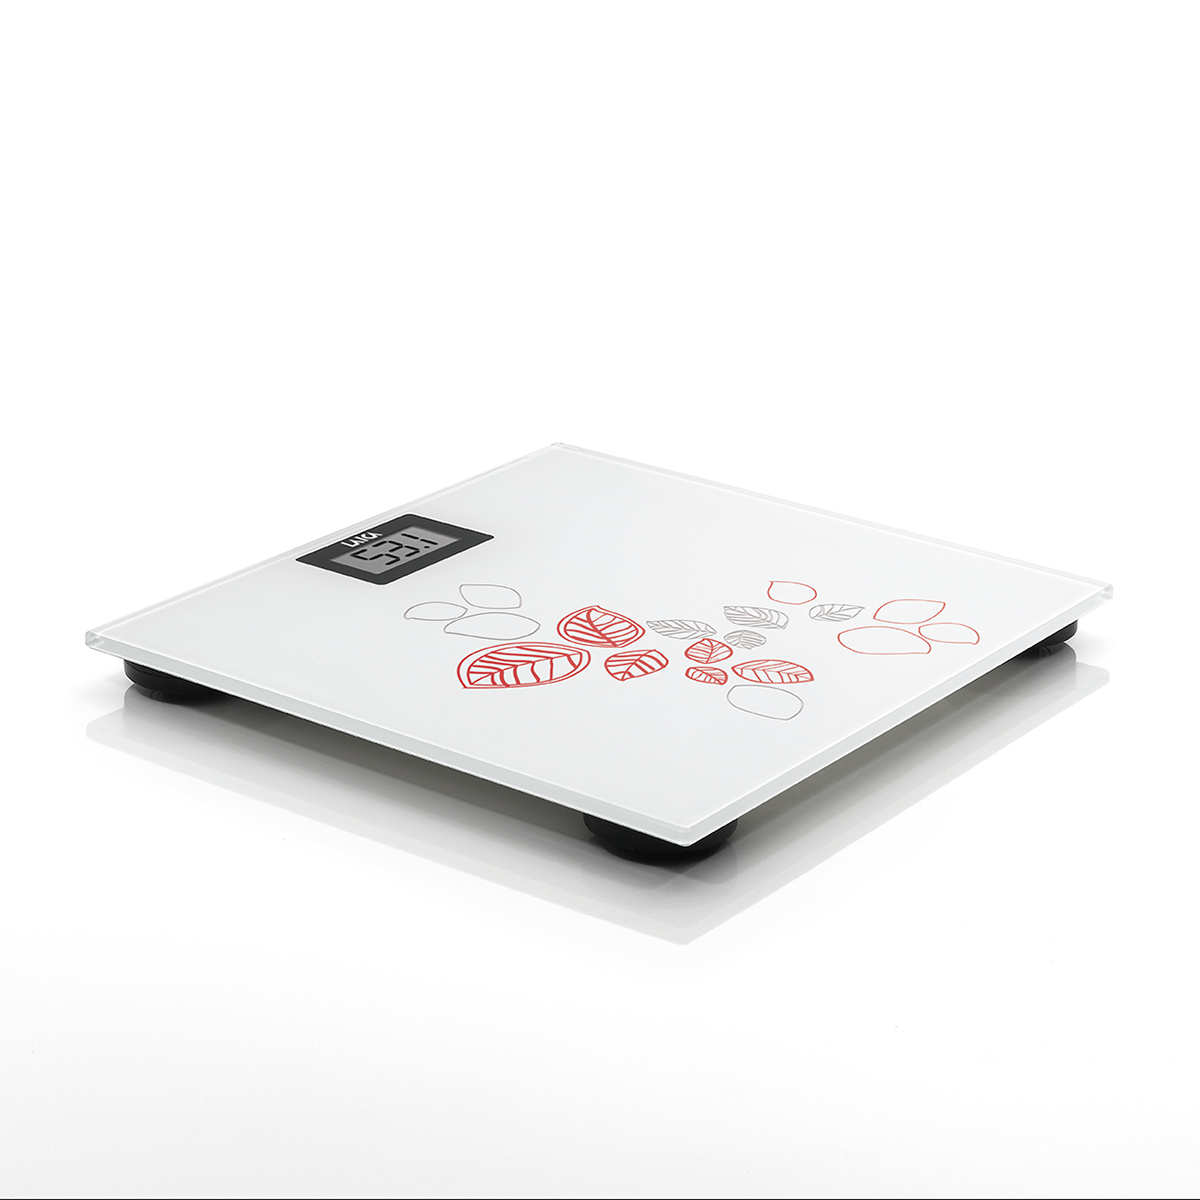 【三色基本款】電子體重秤-自然葉片風 2